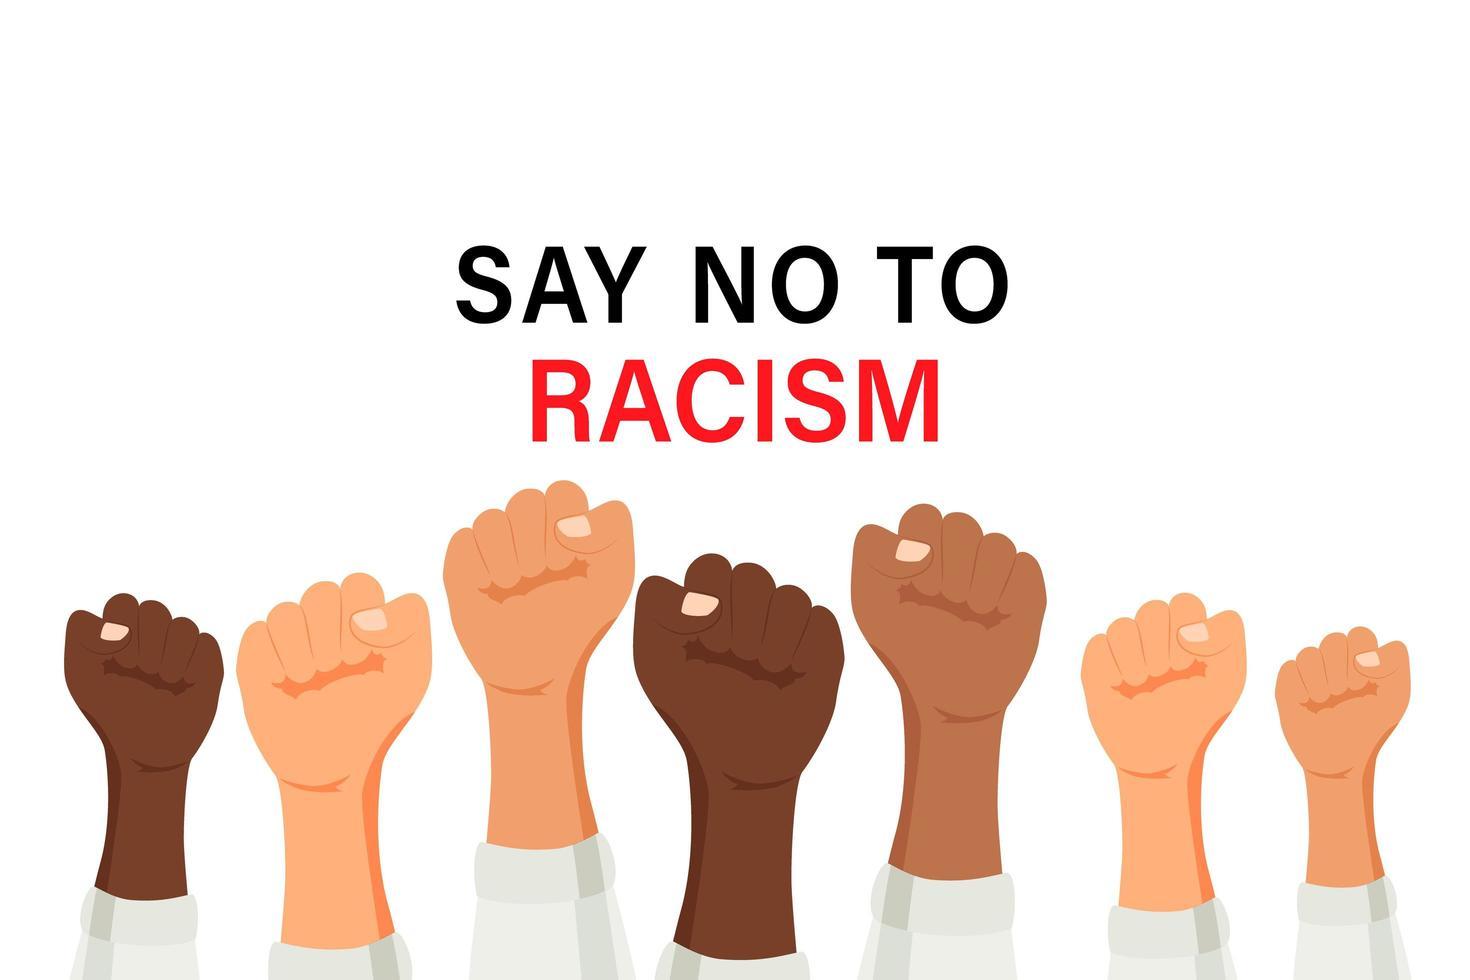 zeg nee tegen racisme poster met multiraciale opgeheven armen vector